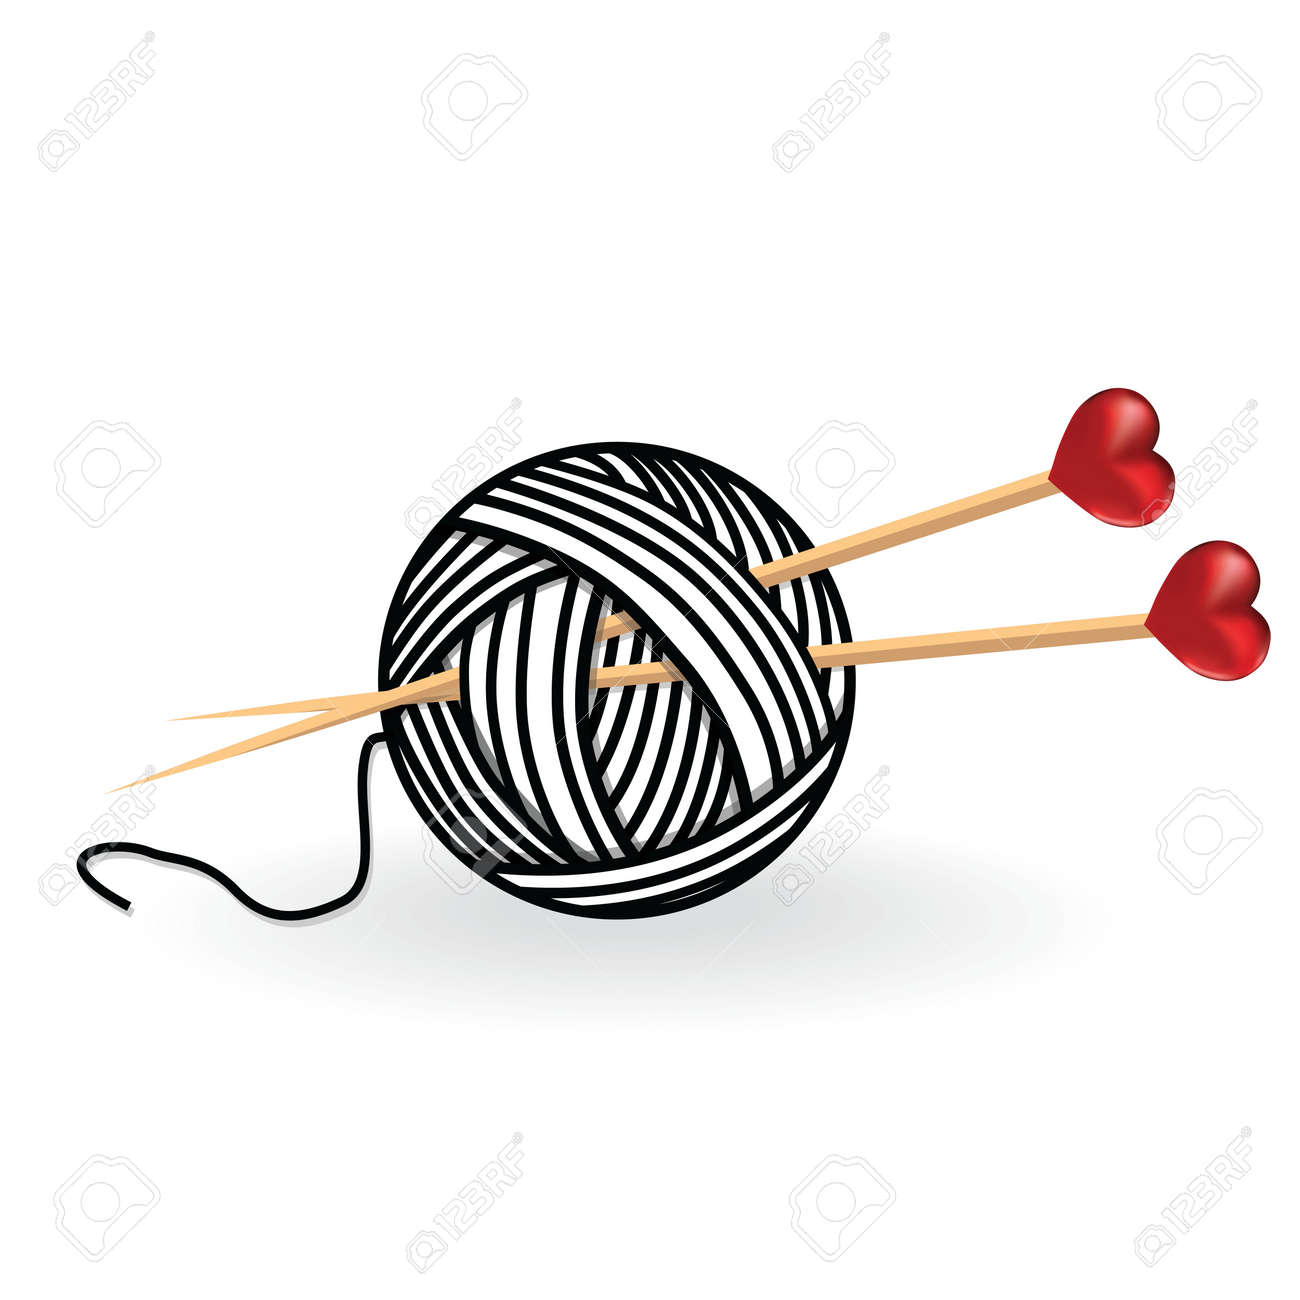 Corazón Lana Tejer Aguja Aisla Afición Handcraft Logo Ilustraciones ...